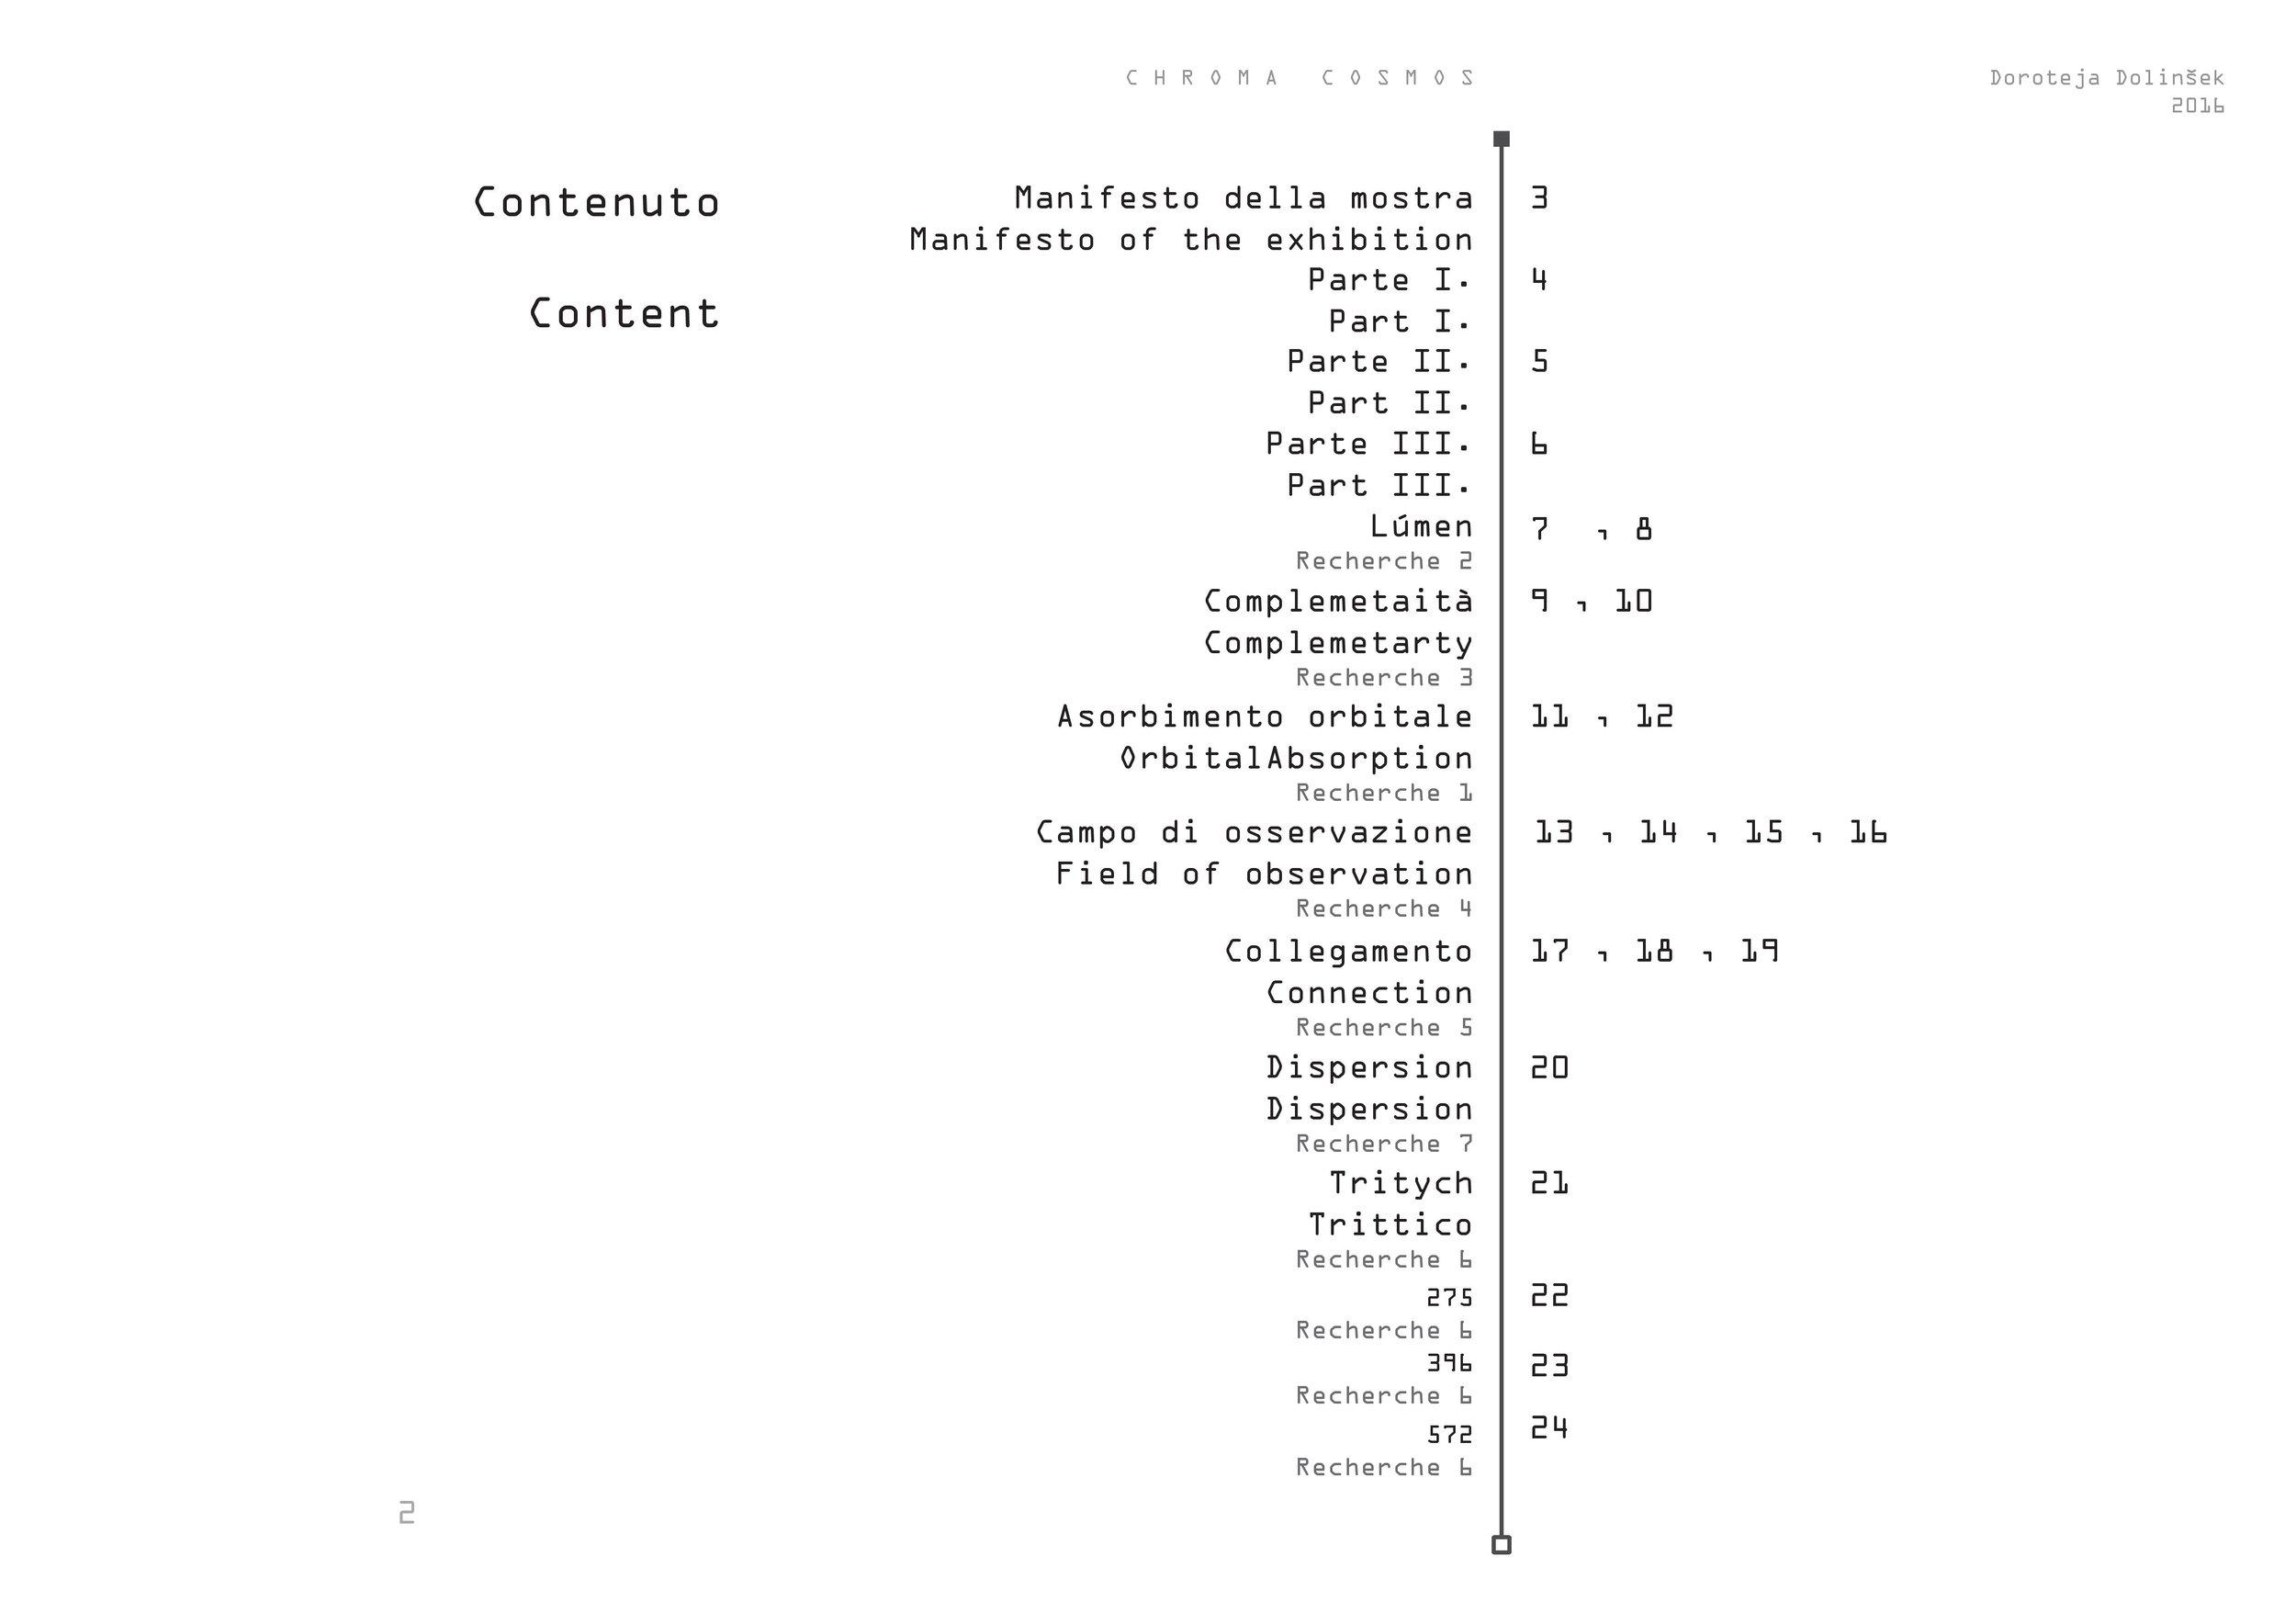 CHROMA COSMOS-page-002.jpg